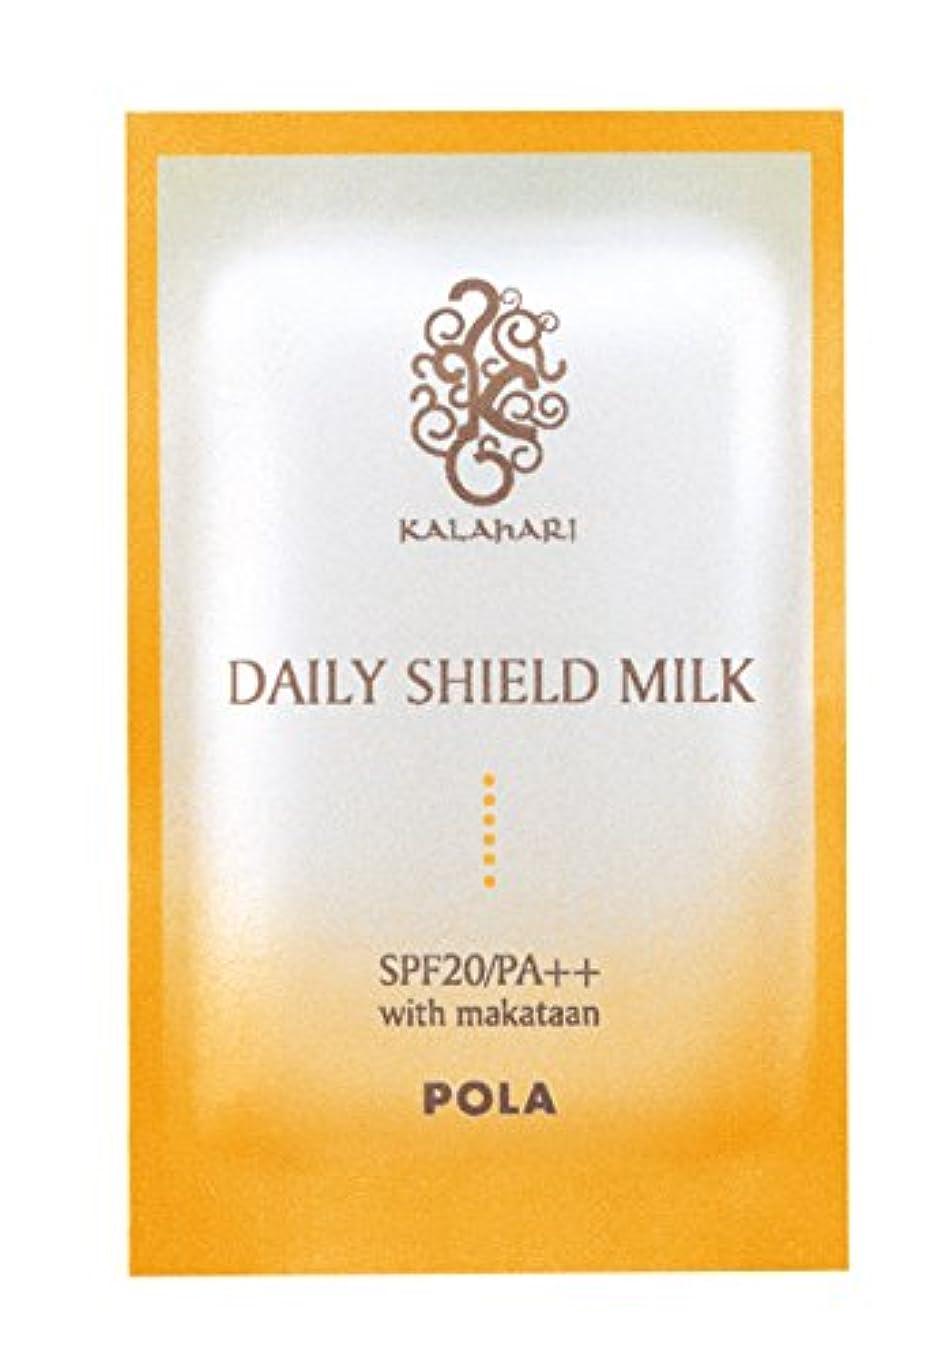 ウィンクガレージ時系列POLA ポーラ カラハリ デイリーシールドミルク 日焼け止め乳液 SPF20/PA++ 個包装 3ml×100包